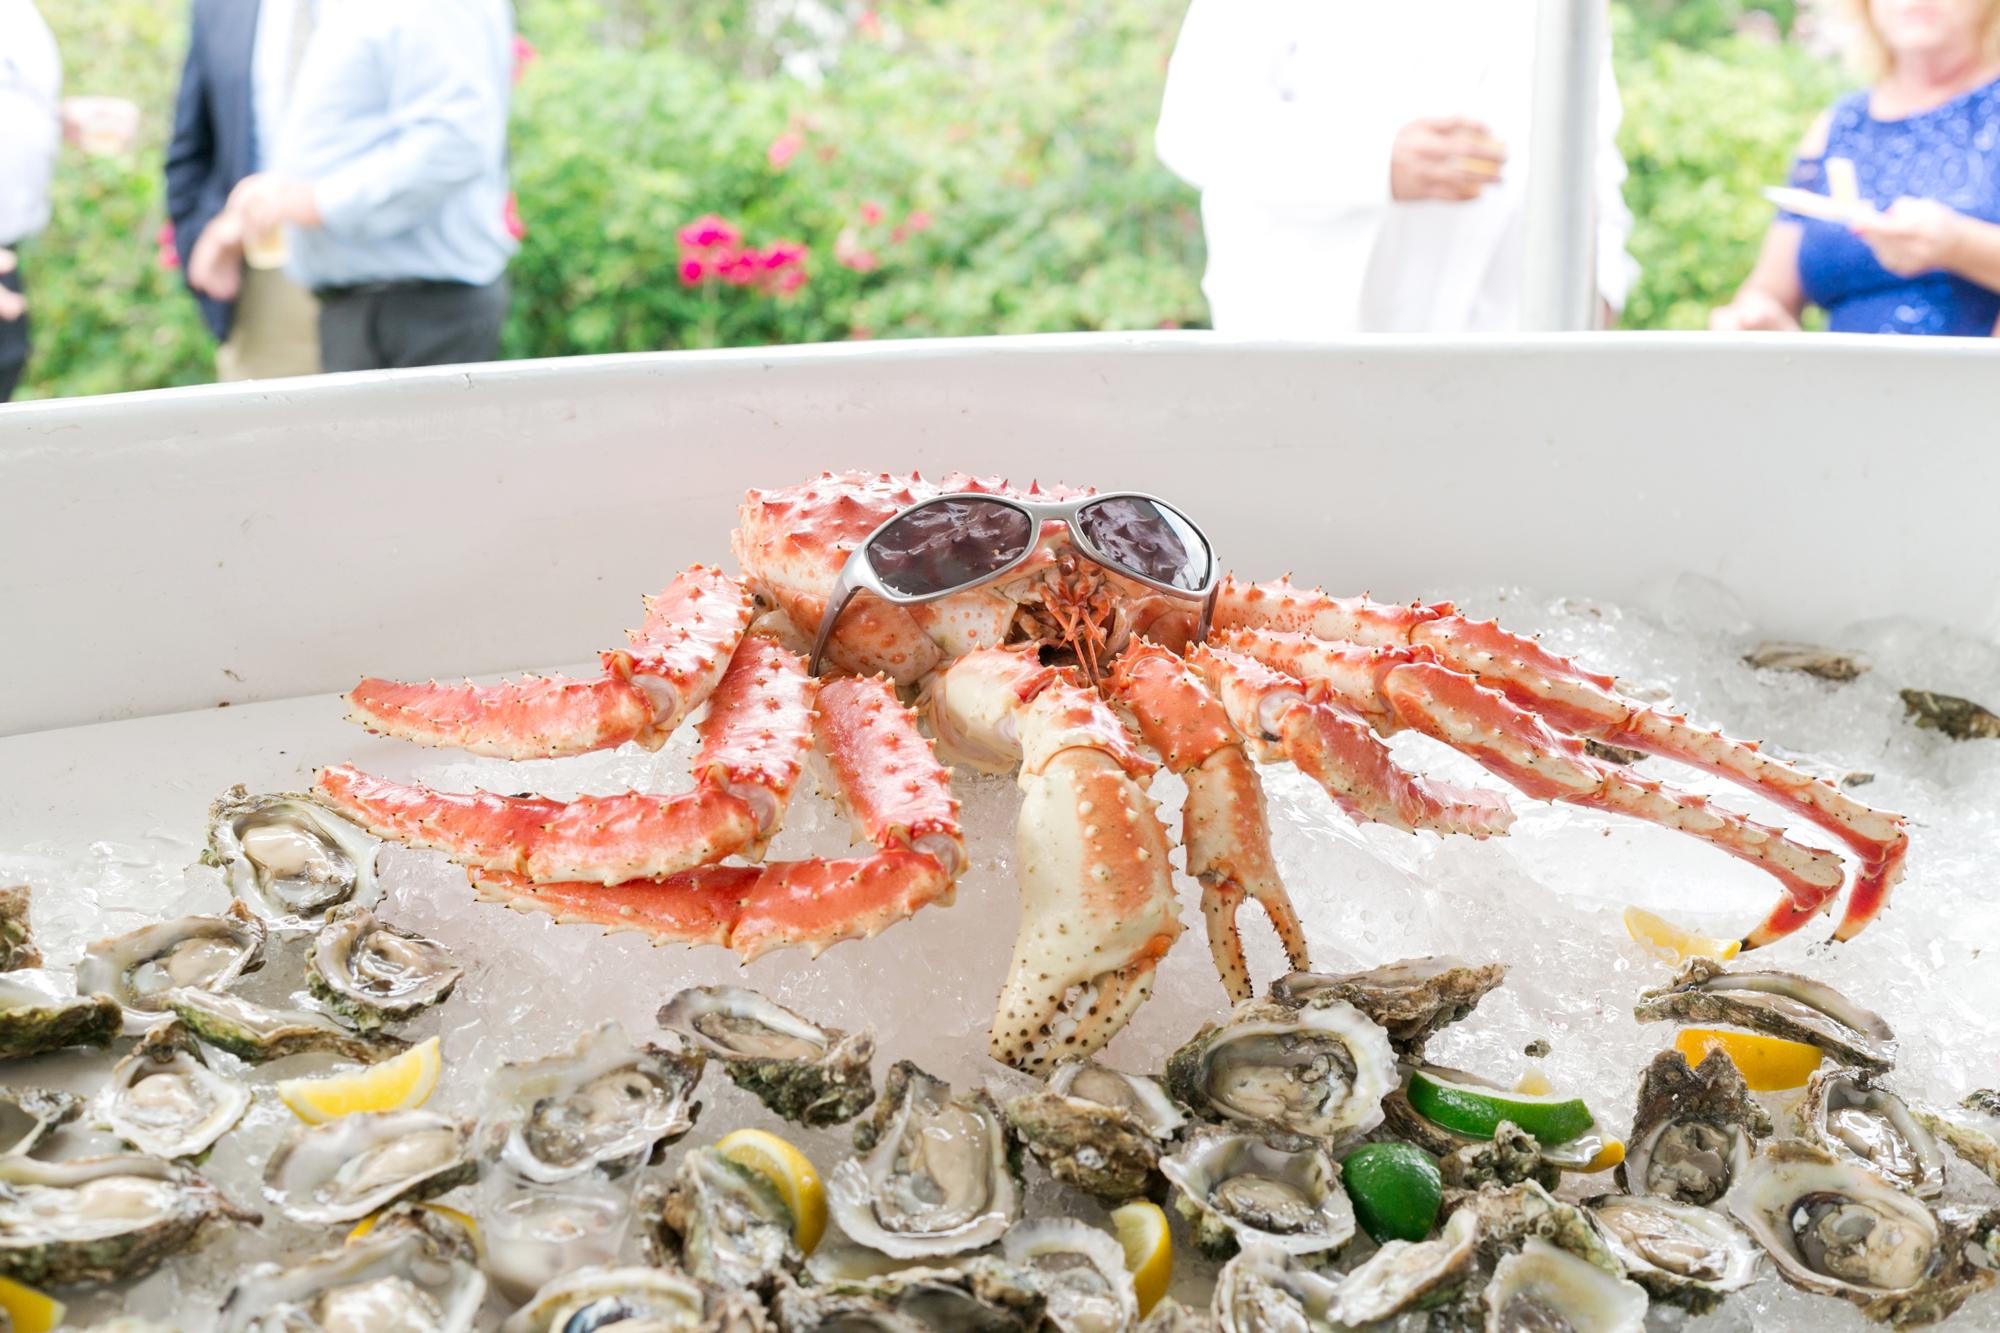 raw bar seafood display at wedding